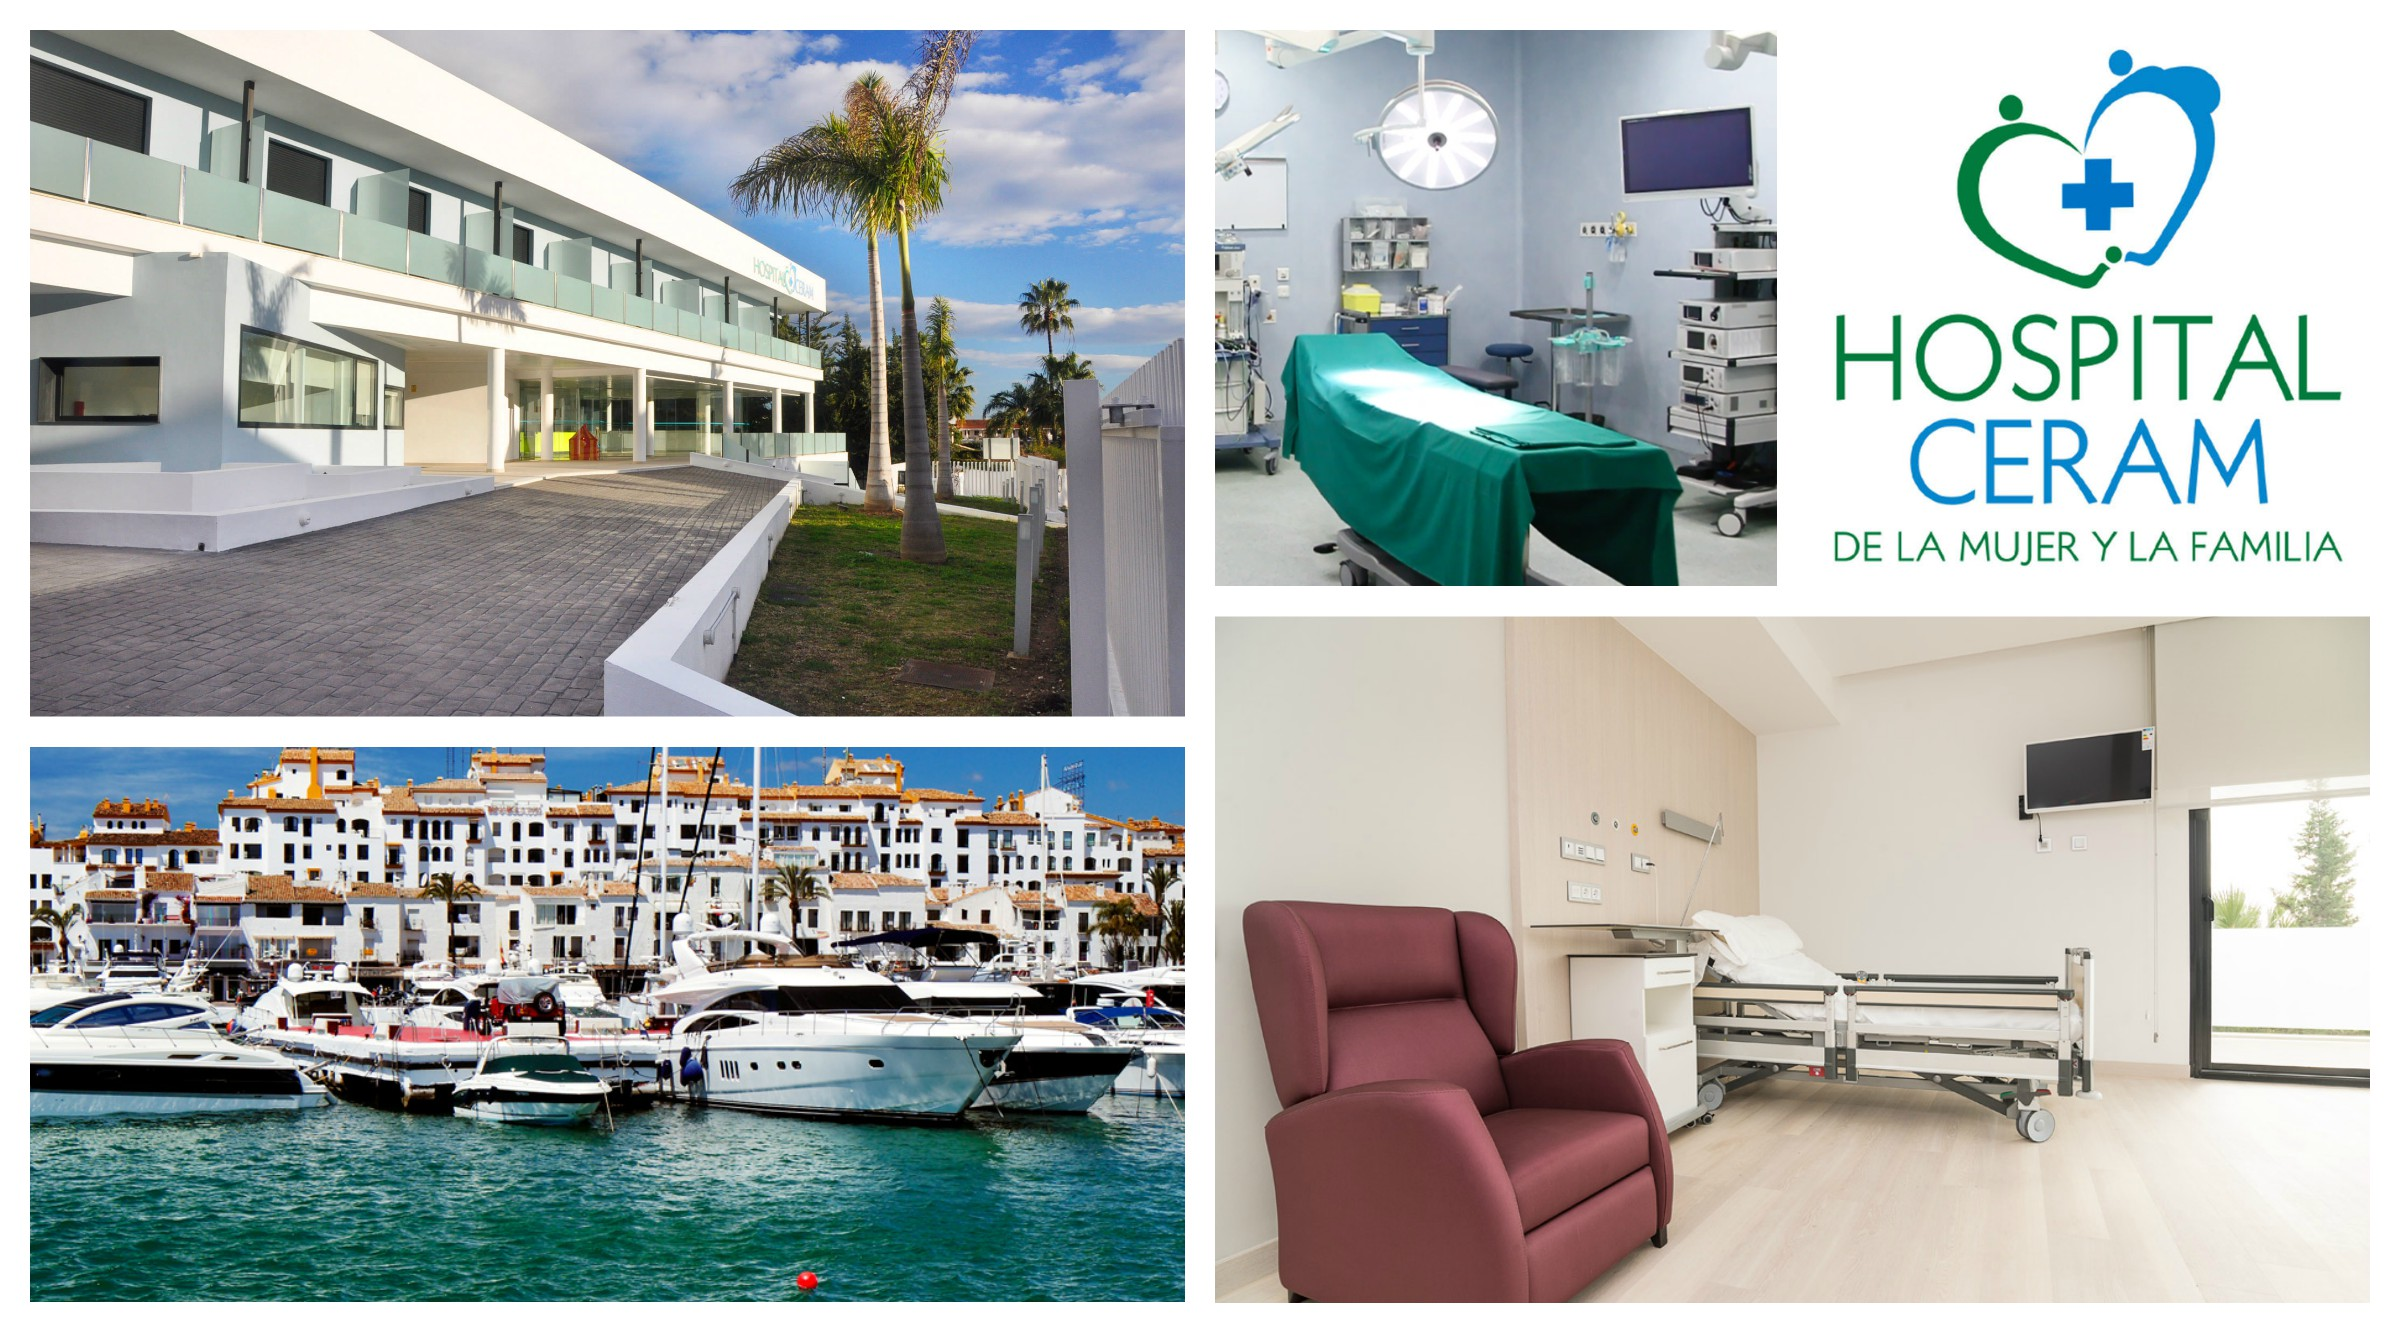 Ceram Hospital Marbella